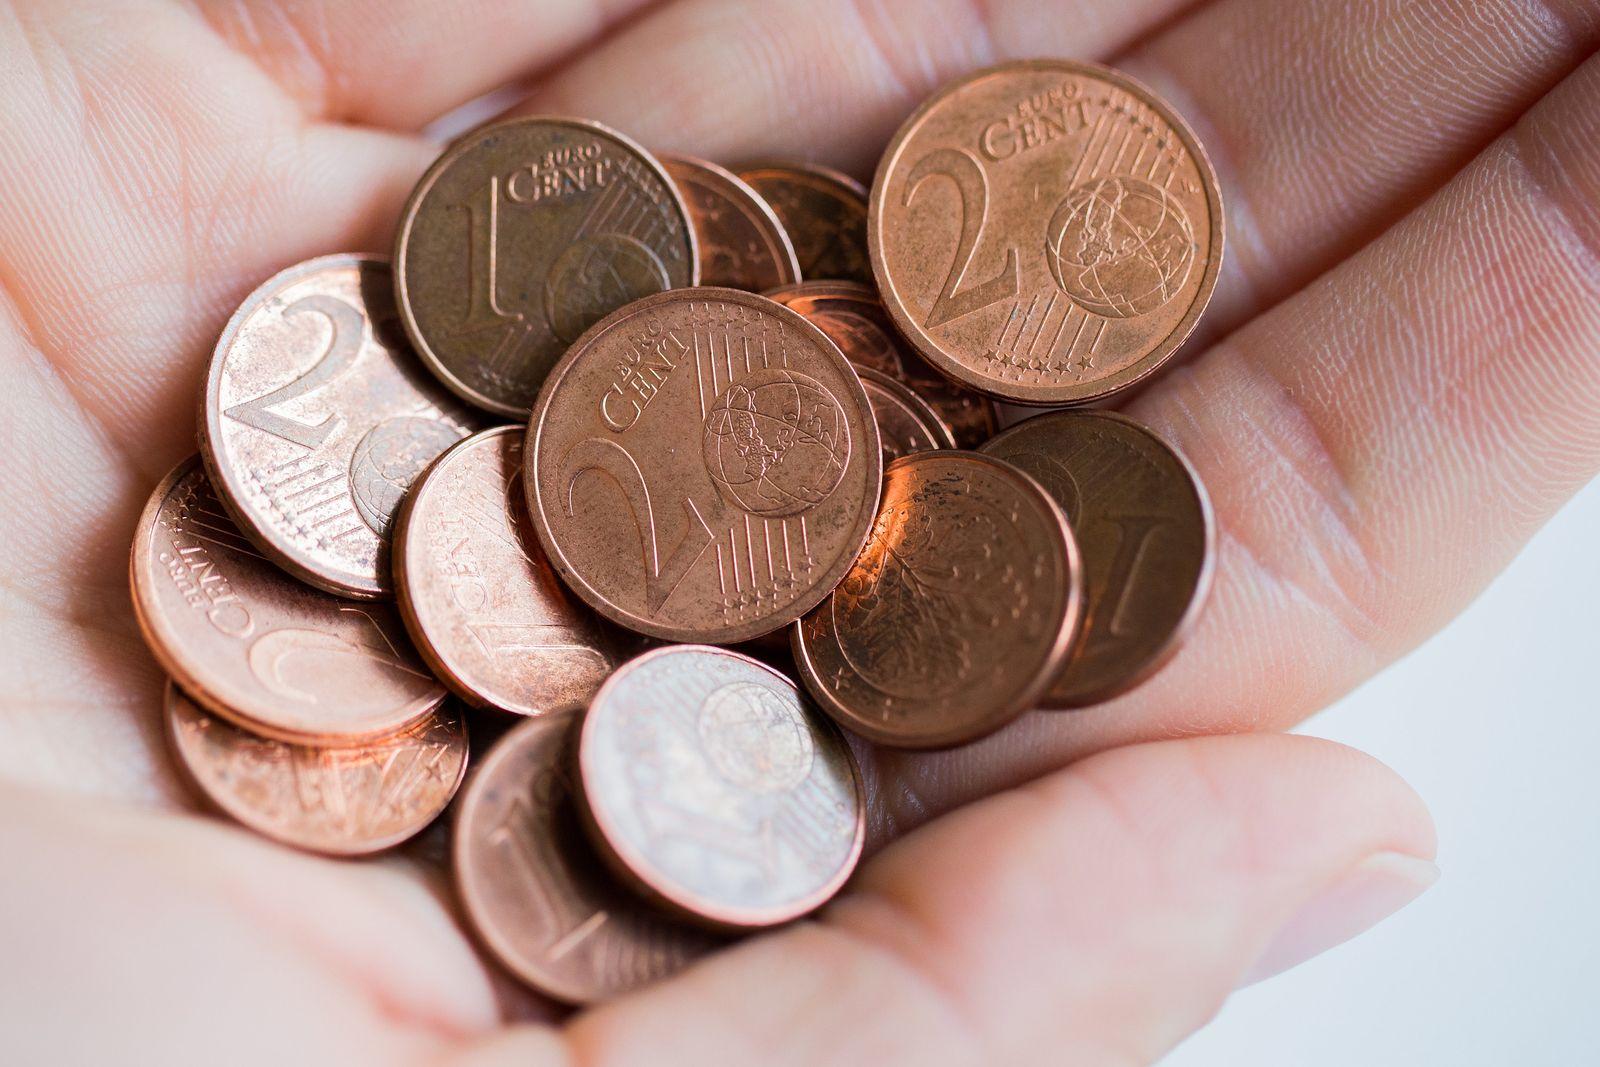 Münzen / Kleingeld / Kleve